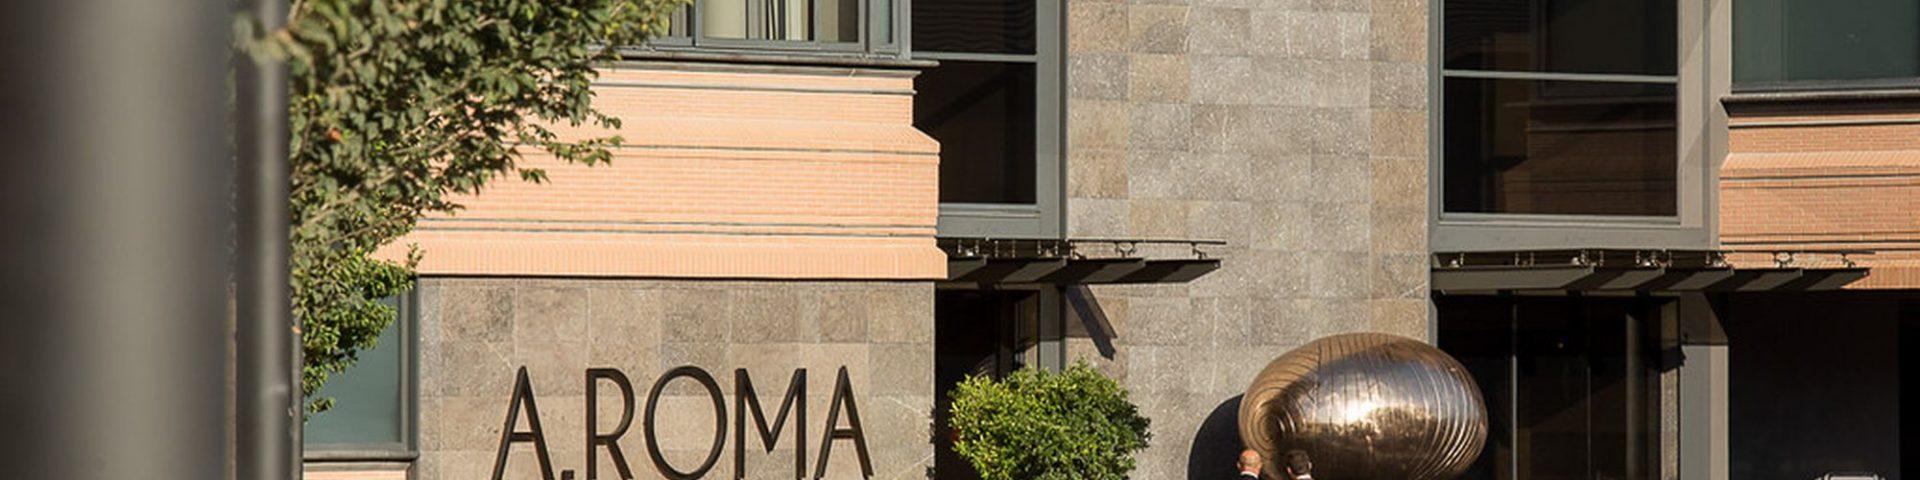 Hotel vicino all'Auditorium Parco della Musica di Roma: i migliori alberghi